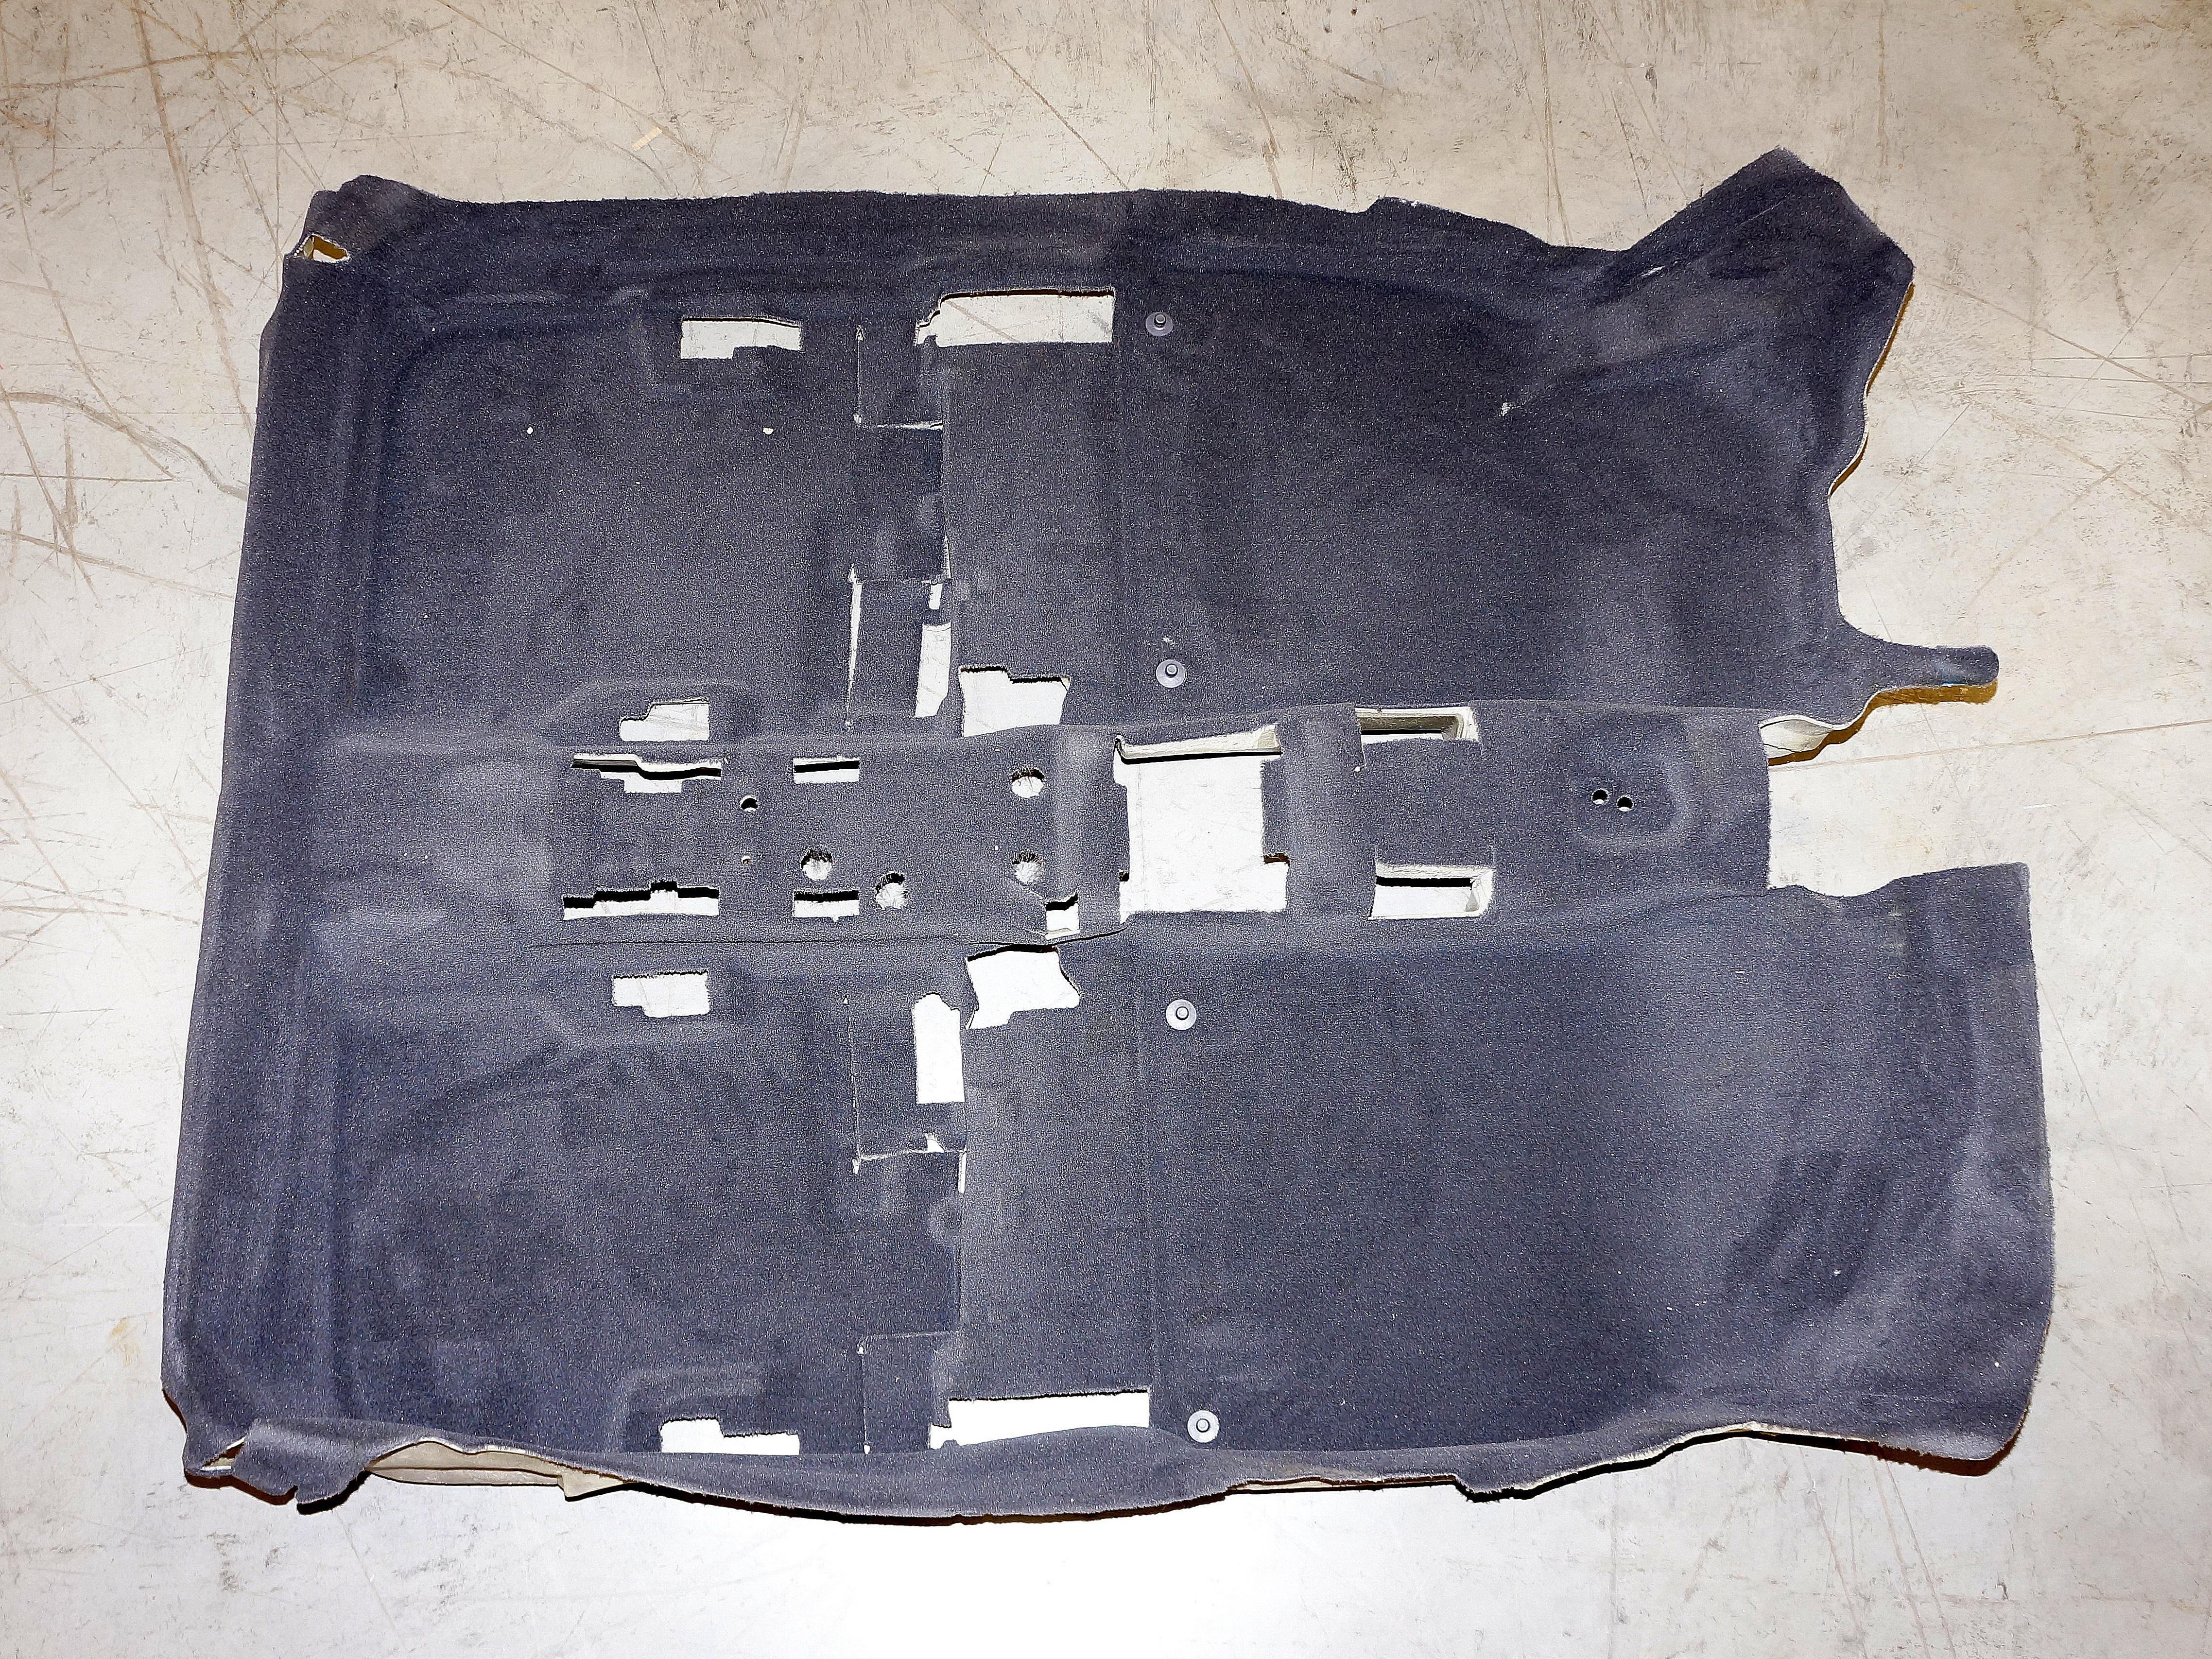 Esaabparts Com Saab 9 3 9440 Car Body Internal Parts Carpets Floor Mats Carpets Cv 06 11